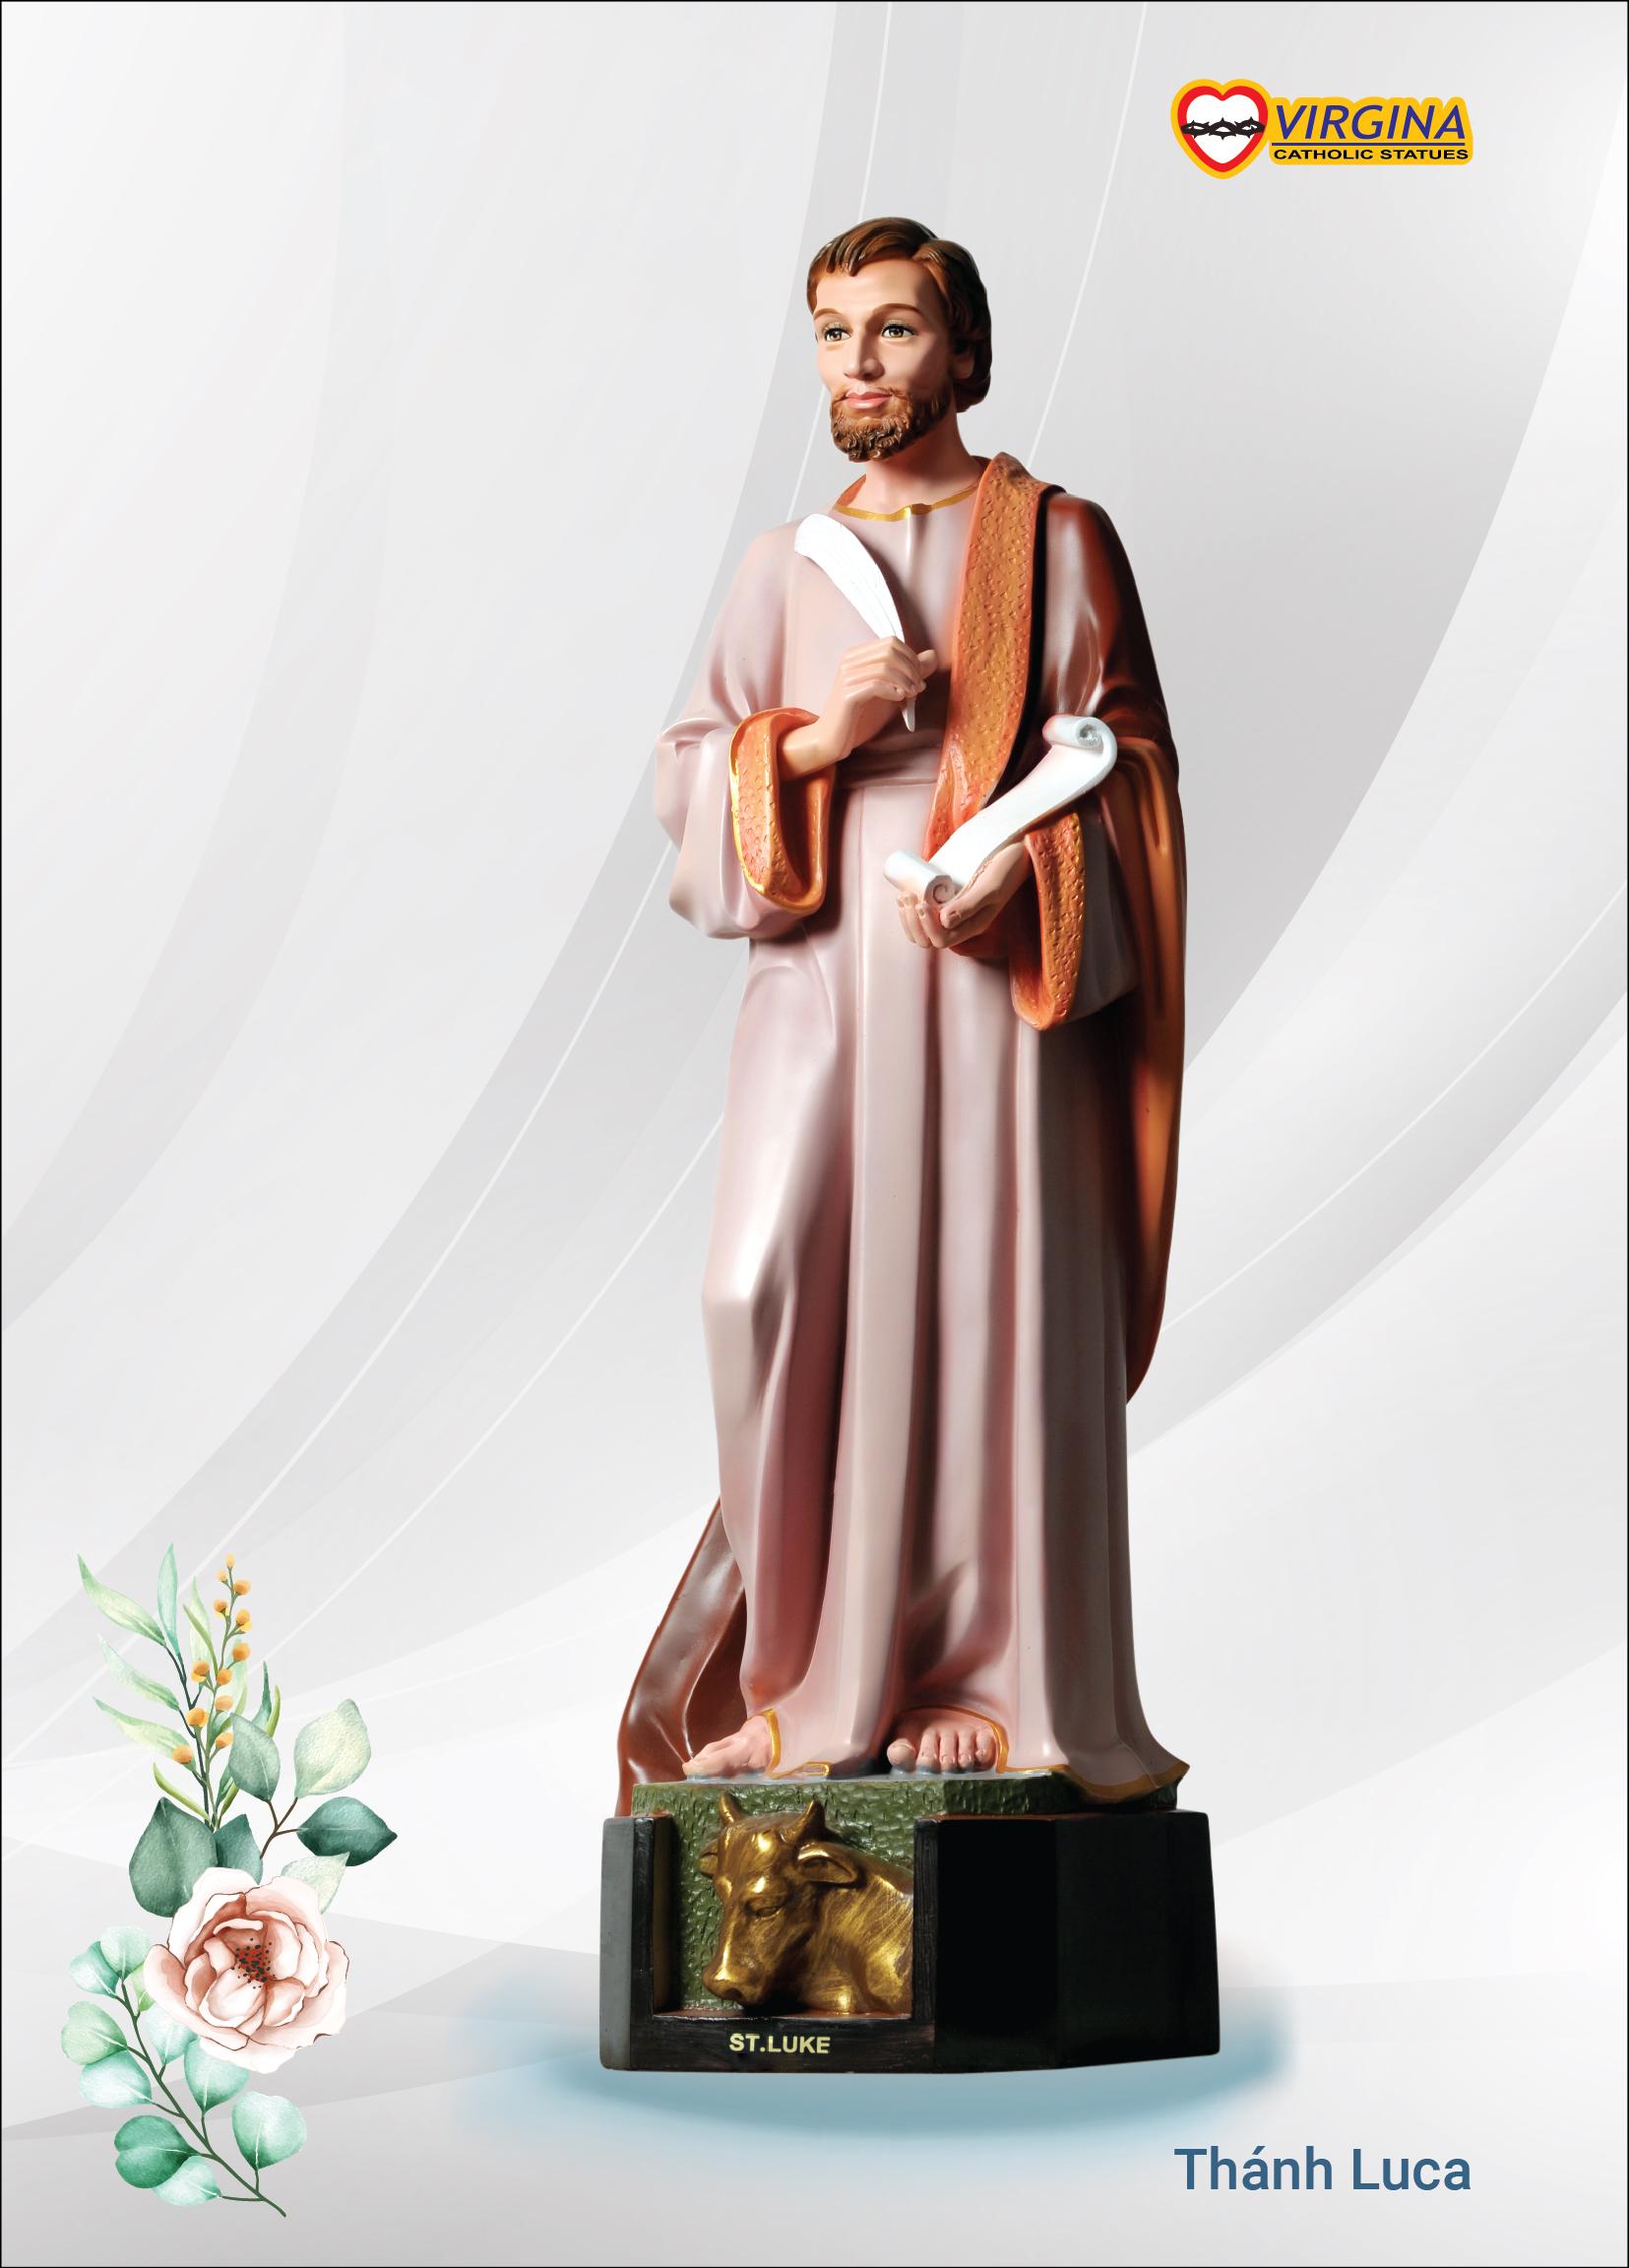 Thánh Luca